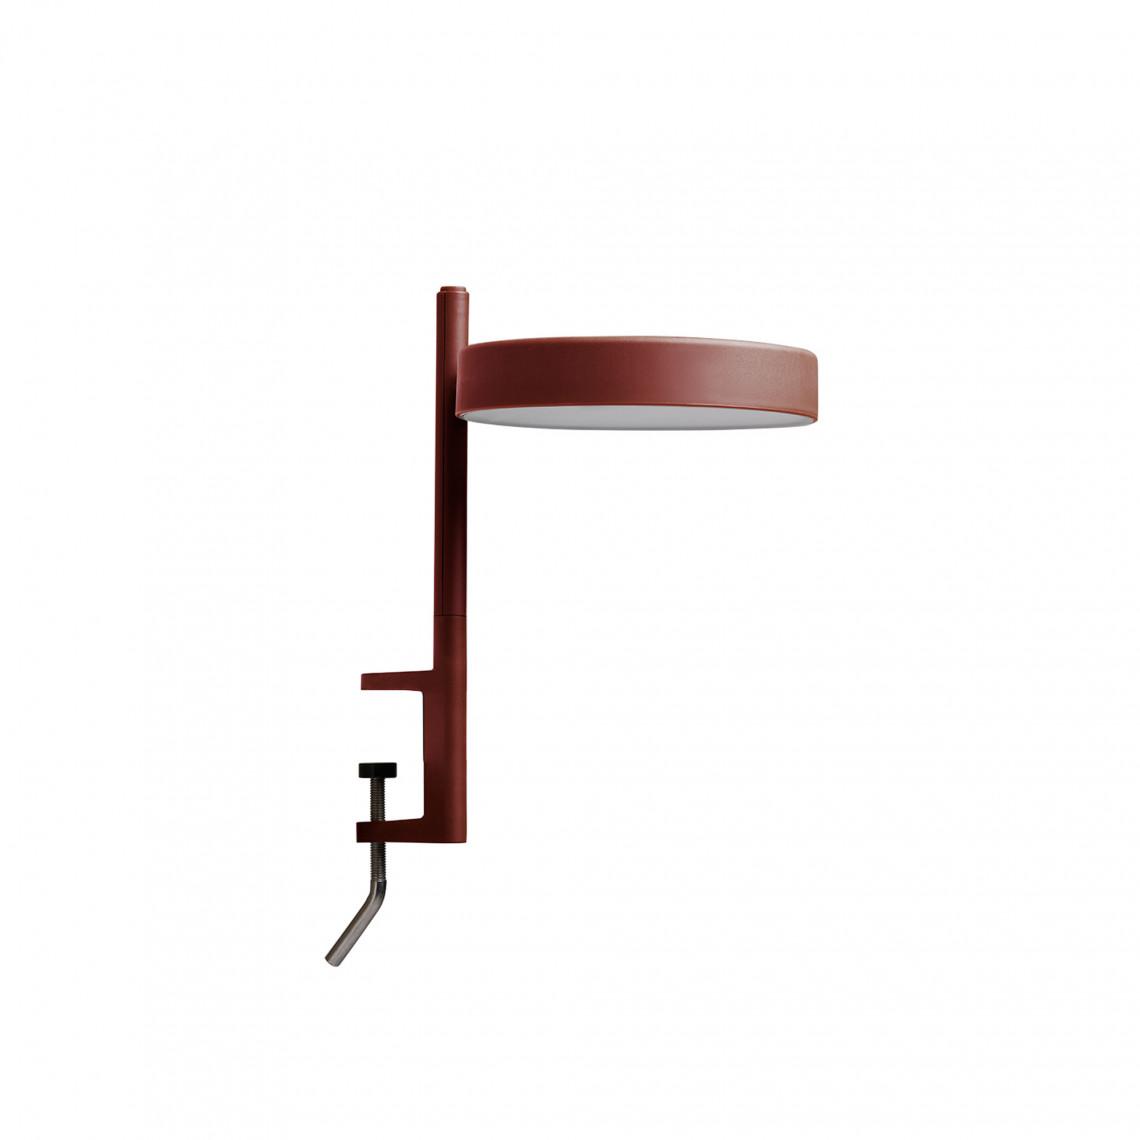 Pastille w182 Kort Arm - Bordslampa Oxide Red